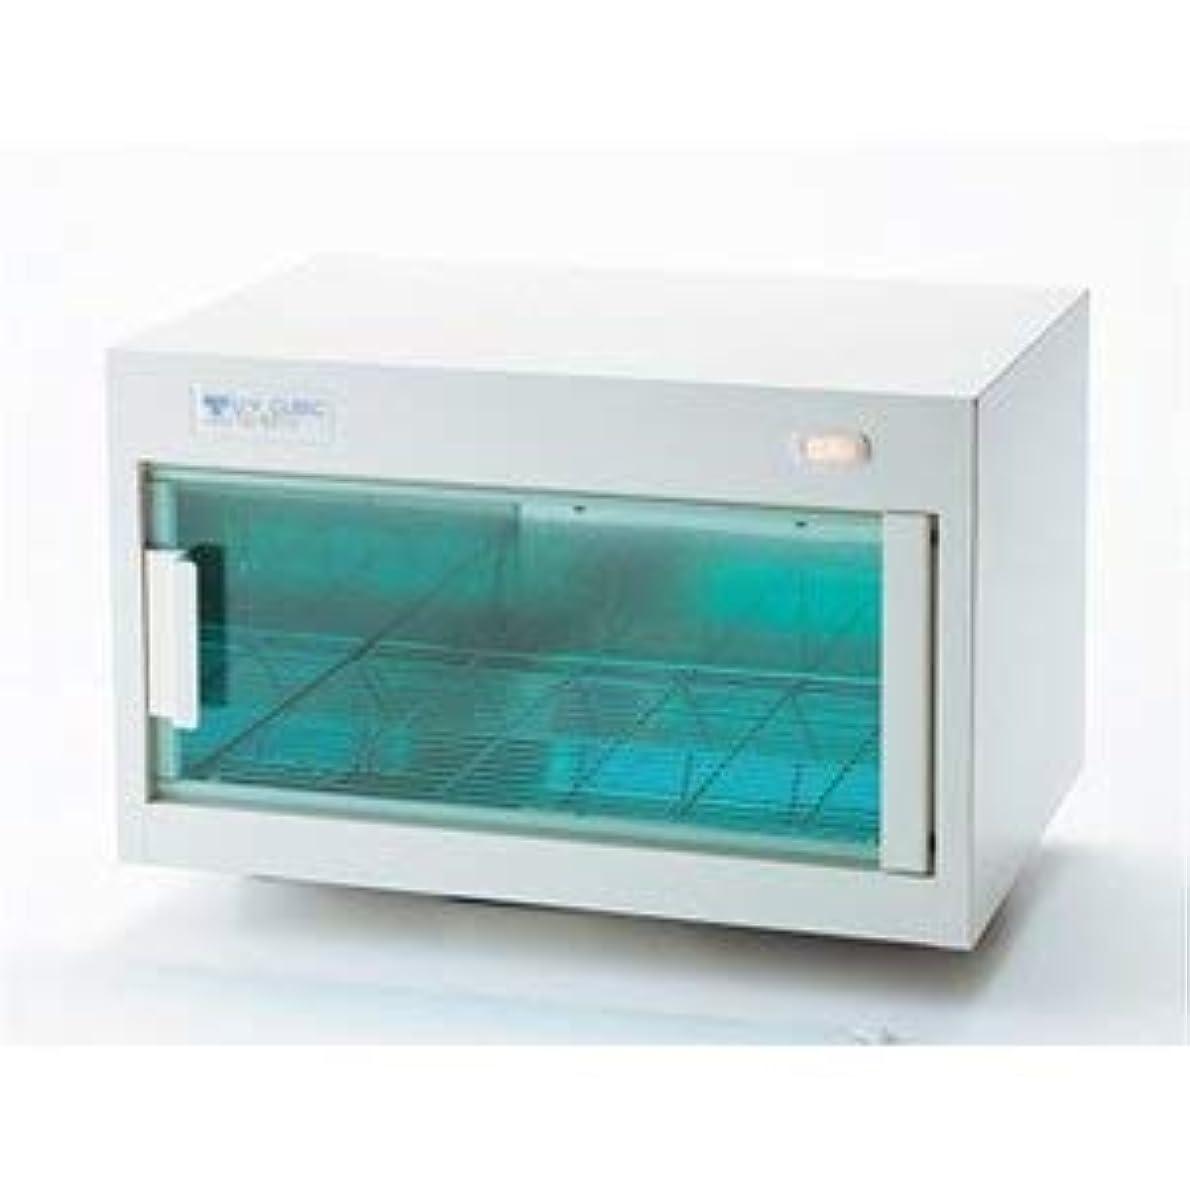 UVキュービック TG-8311 タイマー付 50Hz